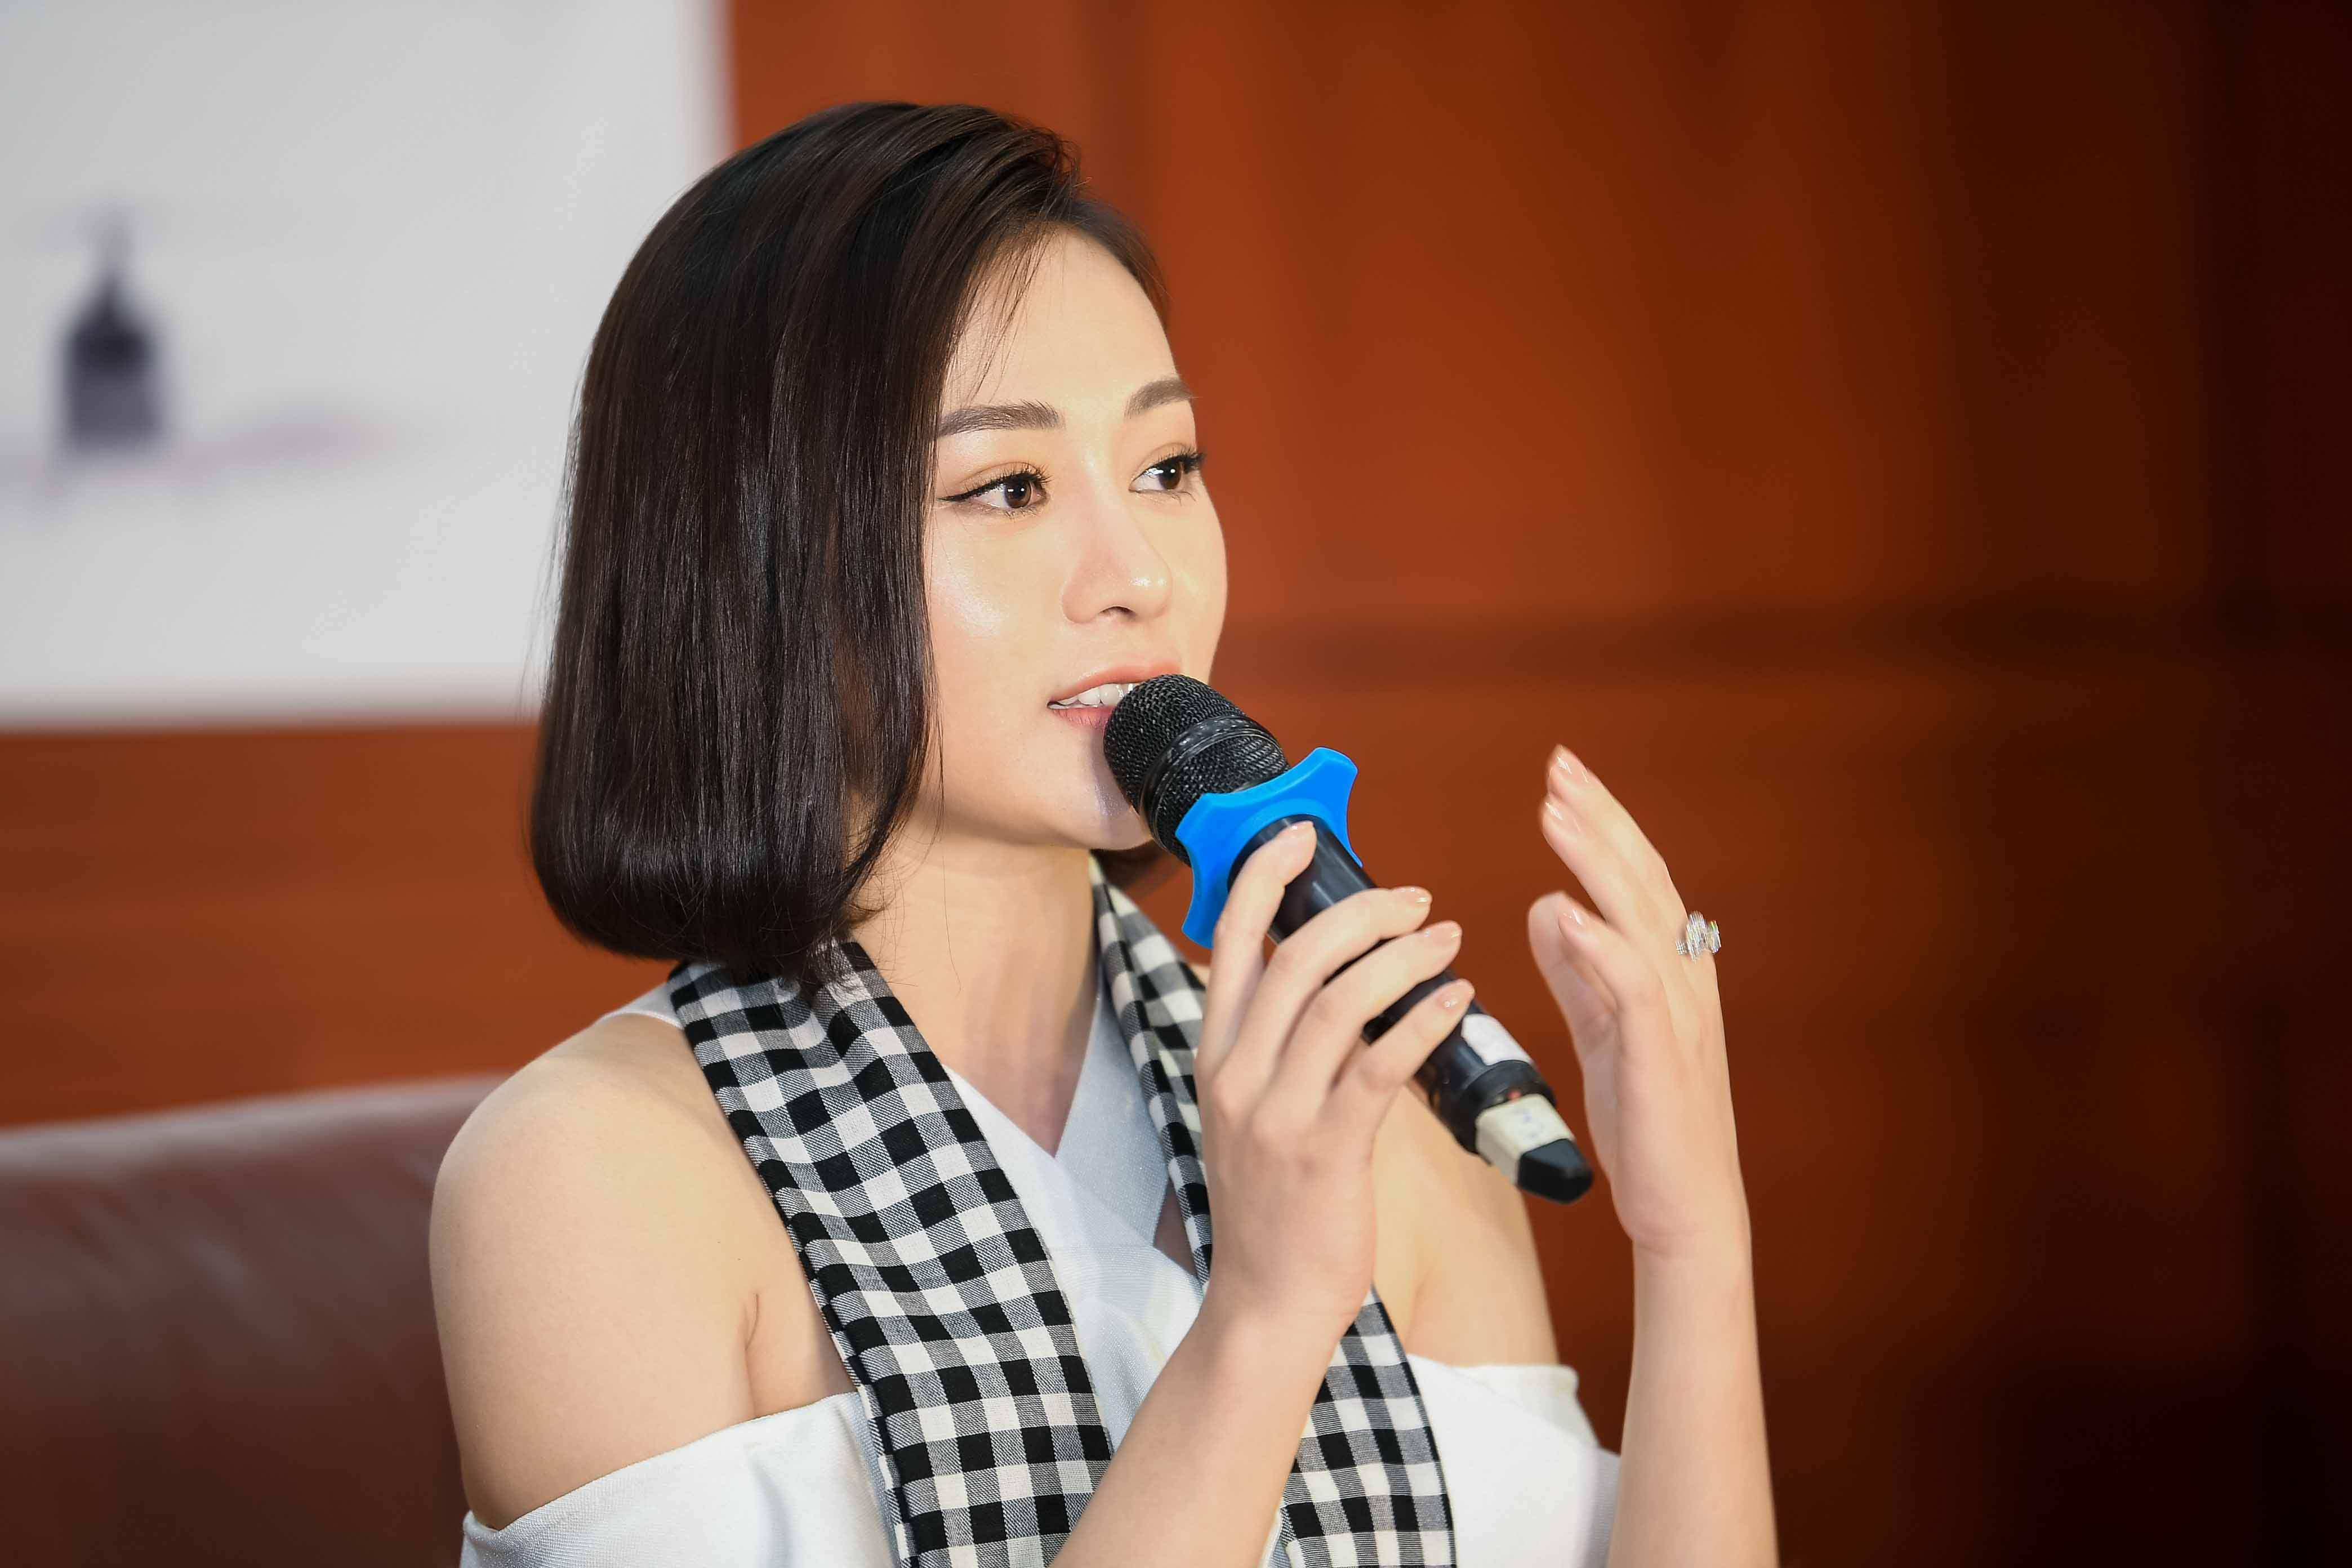 'Quỳnh búp bê' đi sự kiện bằng xế sang của vua cafe Đặng Lê Nguyên Vũ 3